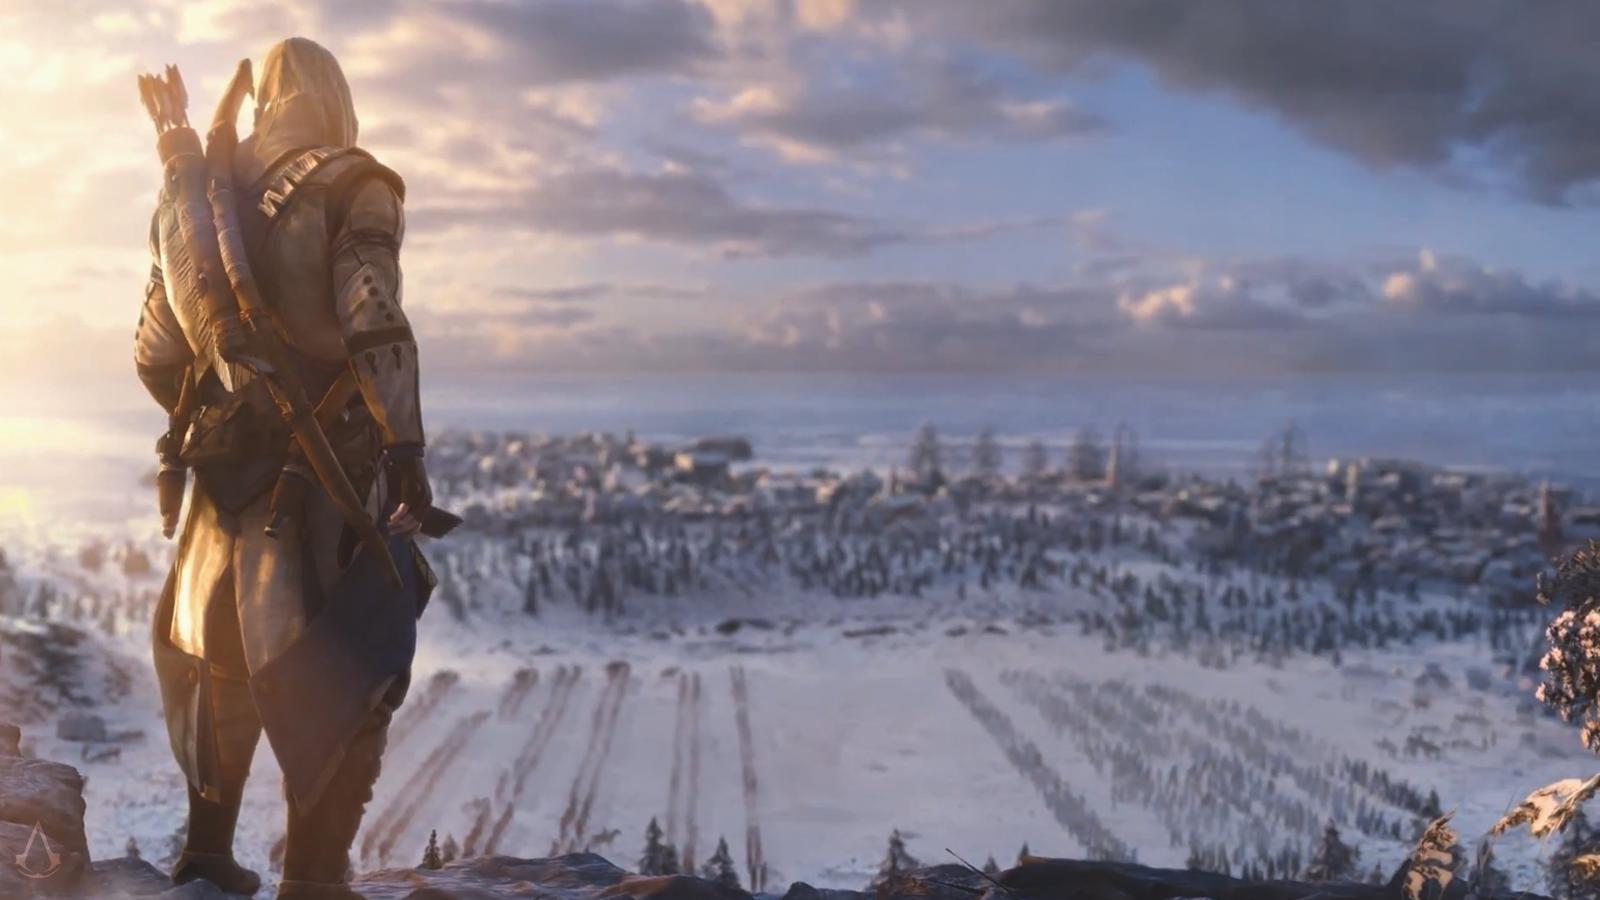 Assassins Creed 20 Trailer Wallpaper   Assassins creed 20 ...